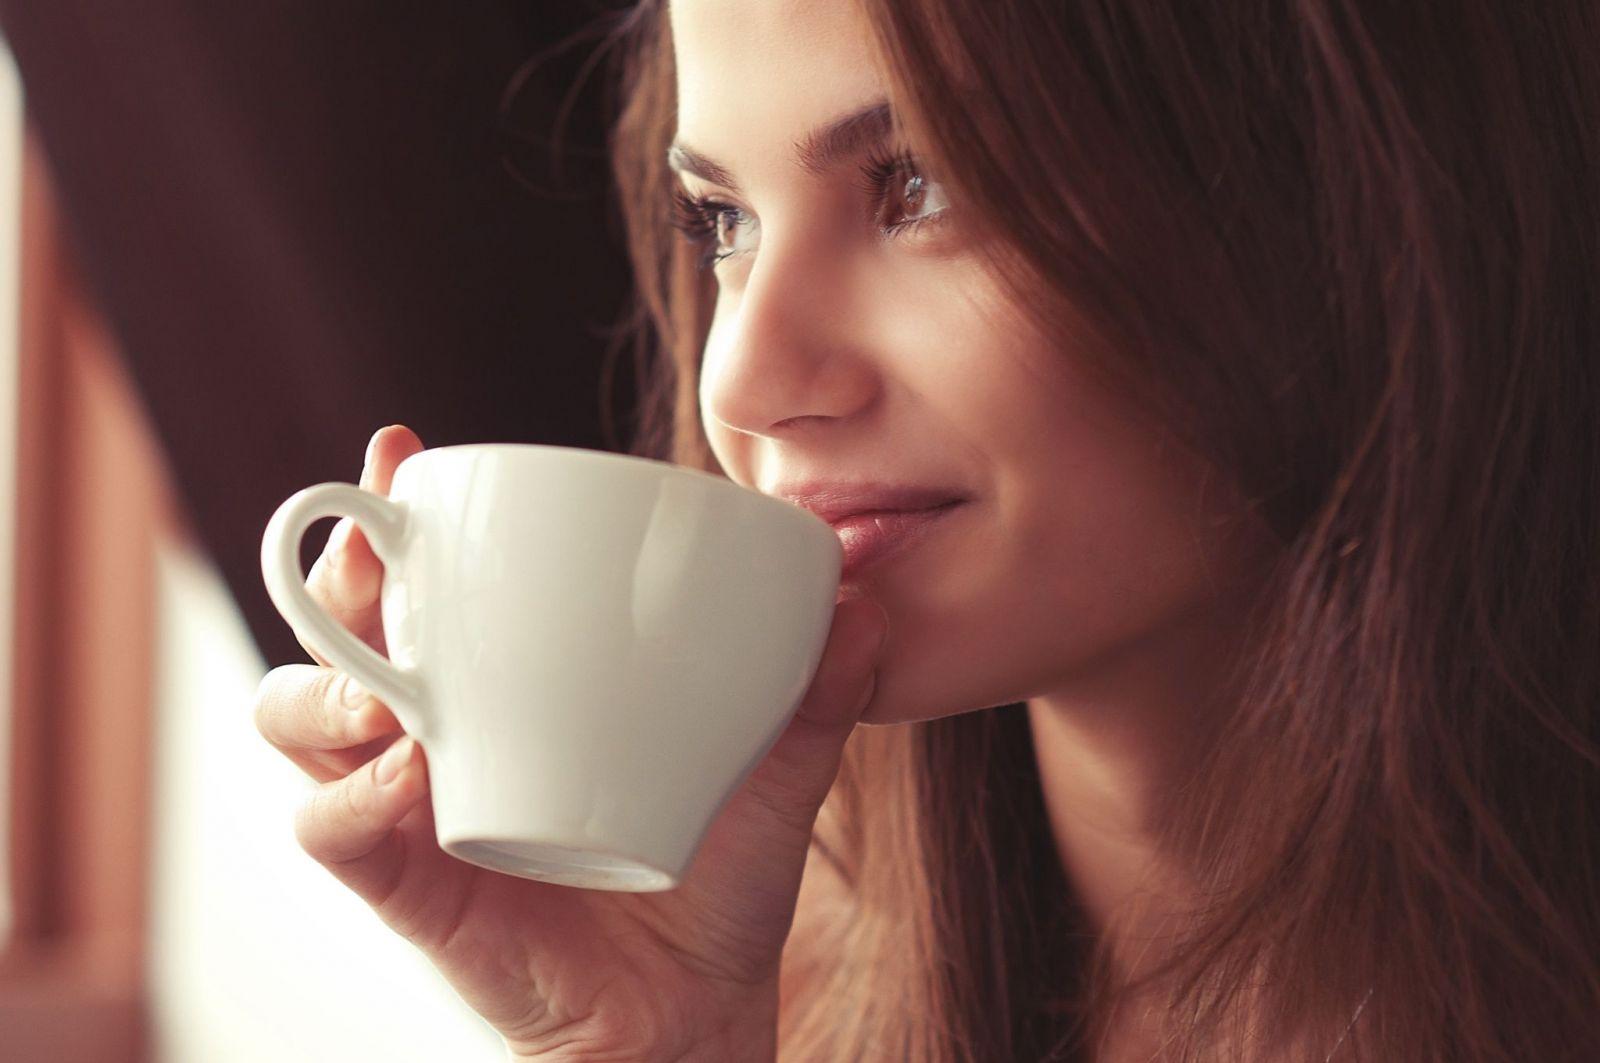 khach hang muc tieu trong kinh doanh cafe